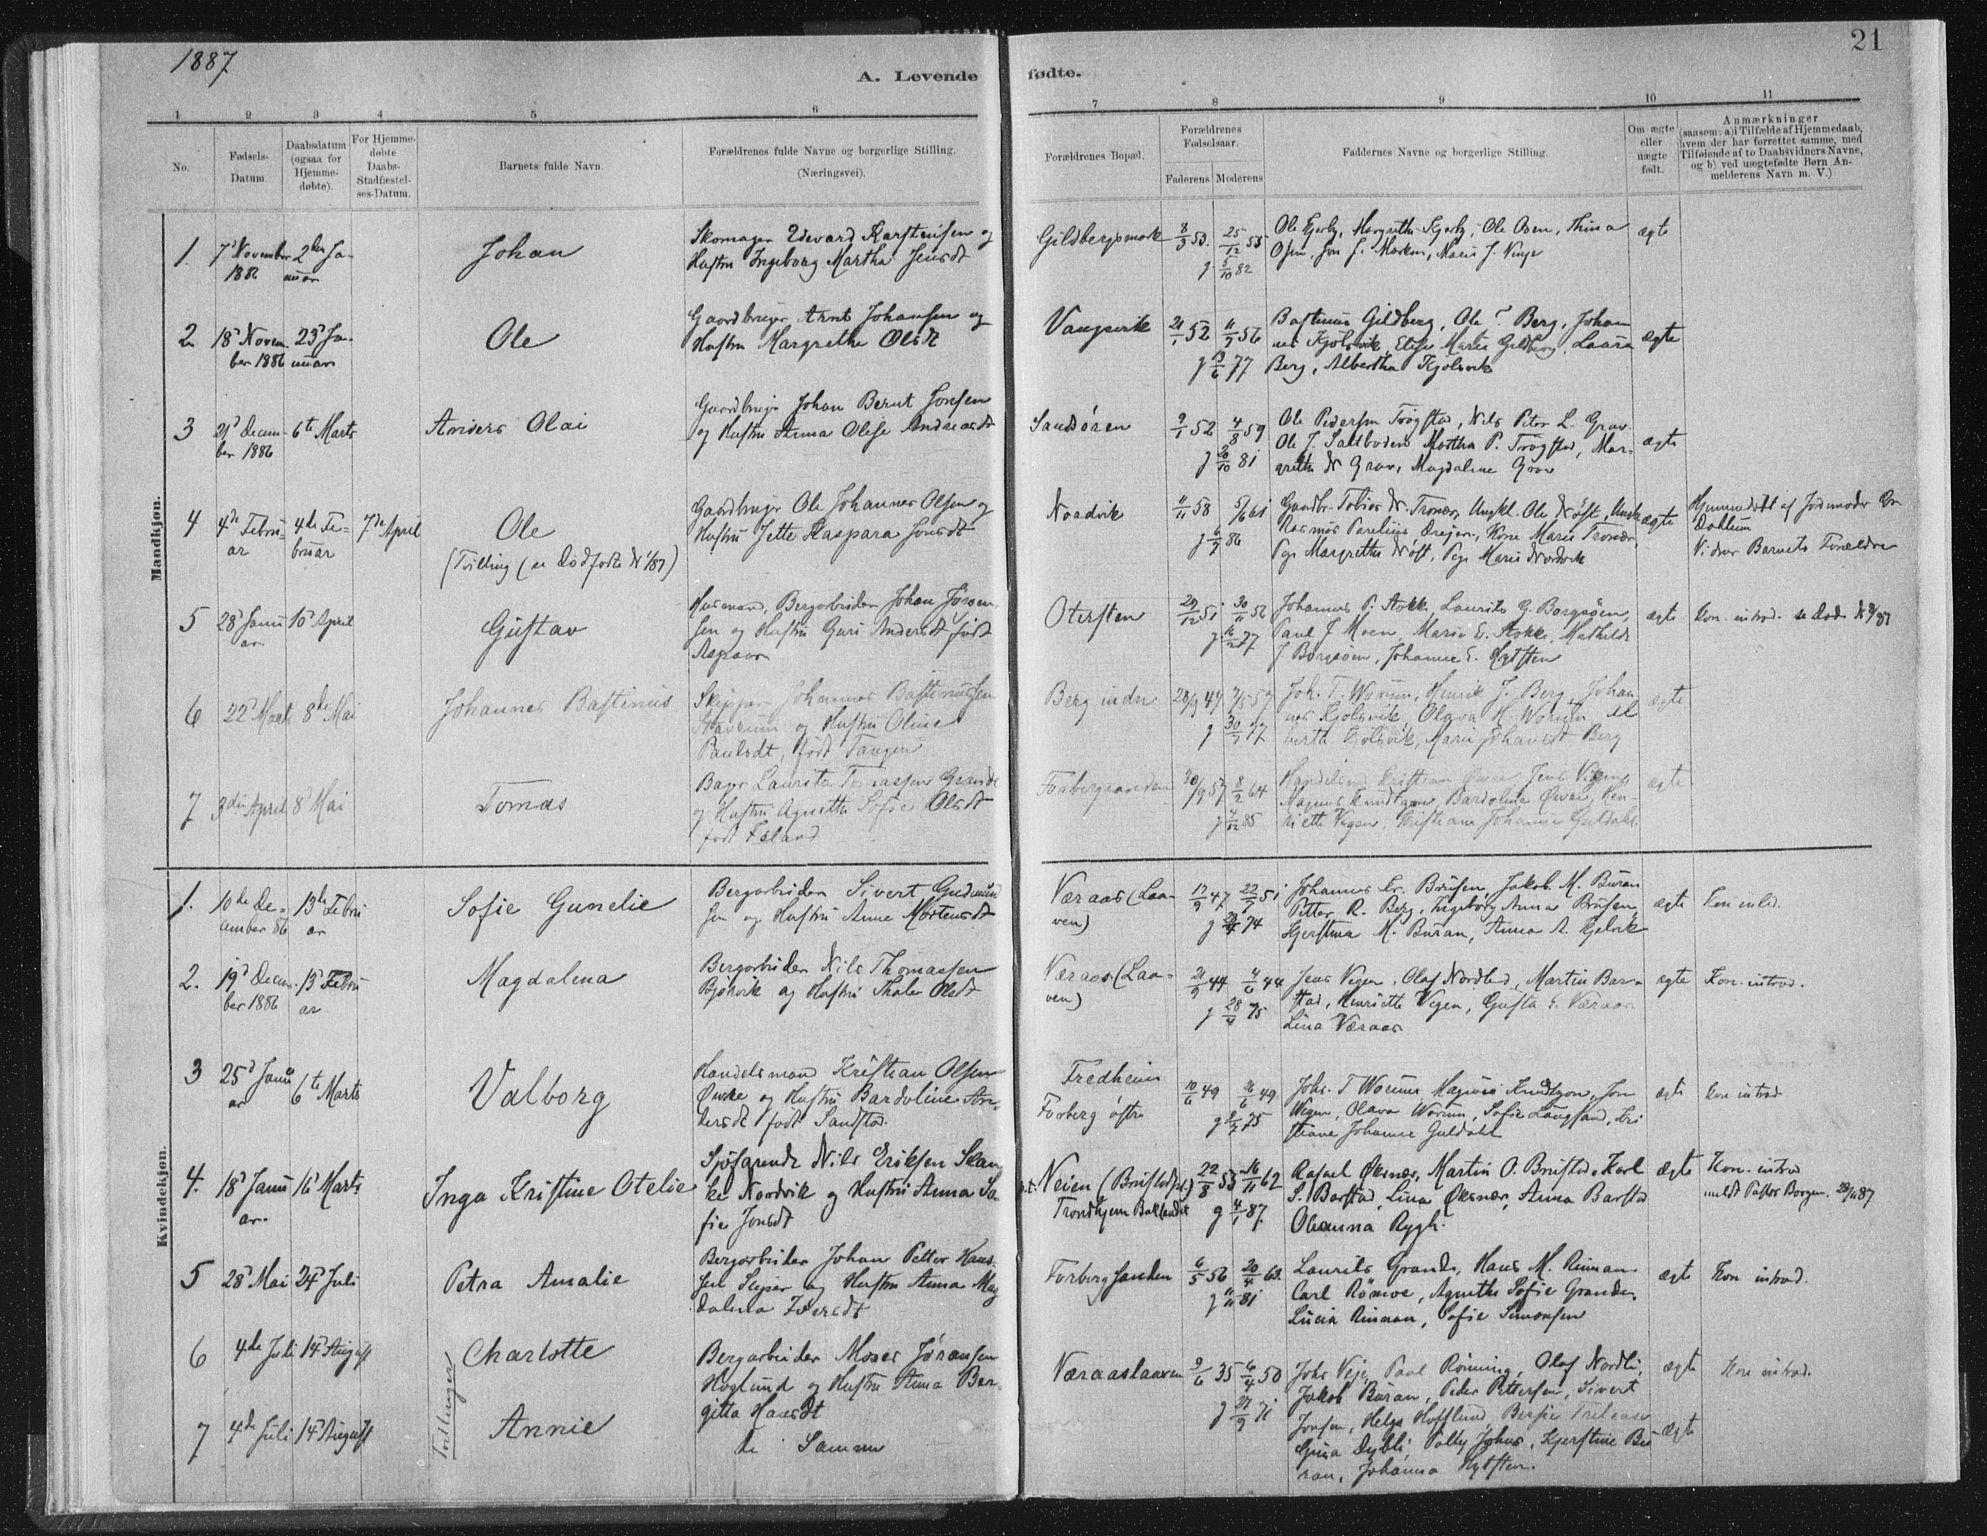 SAT, Ministerialprotokoller, klokkerbøker og fødselsregistre - Nord-Trøndelag, 722/L0220: Ministerialbok nr. 722A07, 1881-1908, s. 21